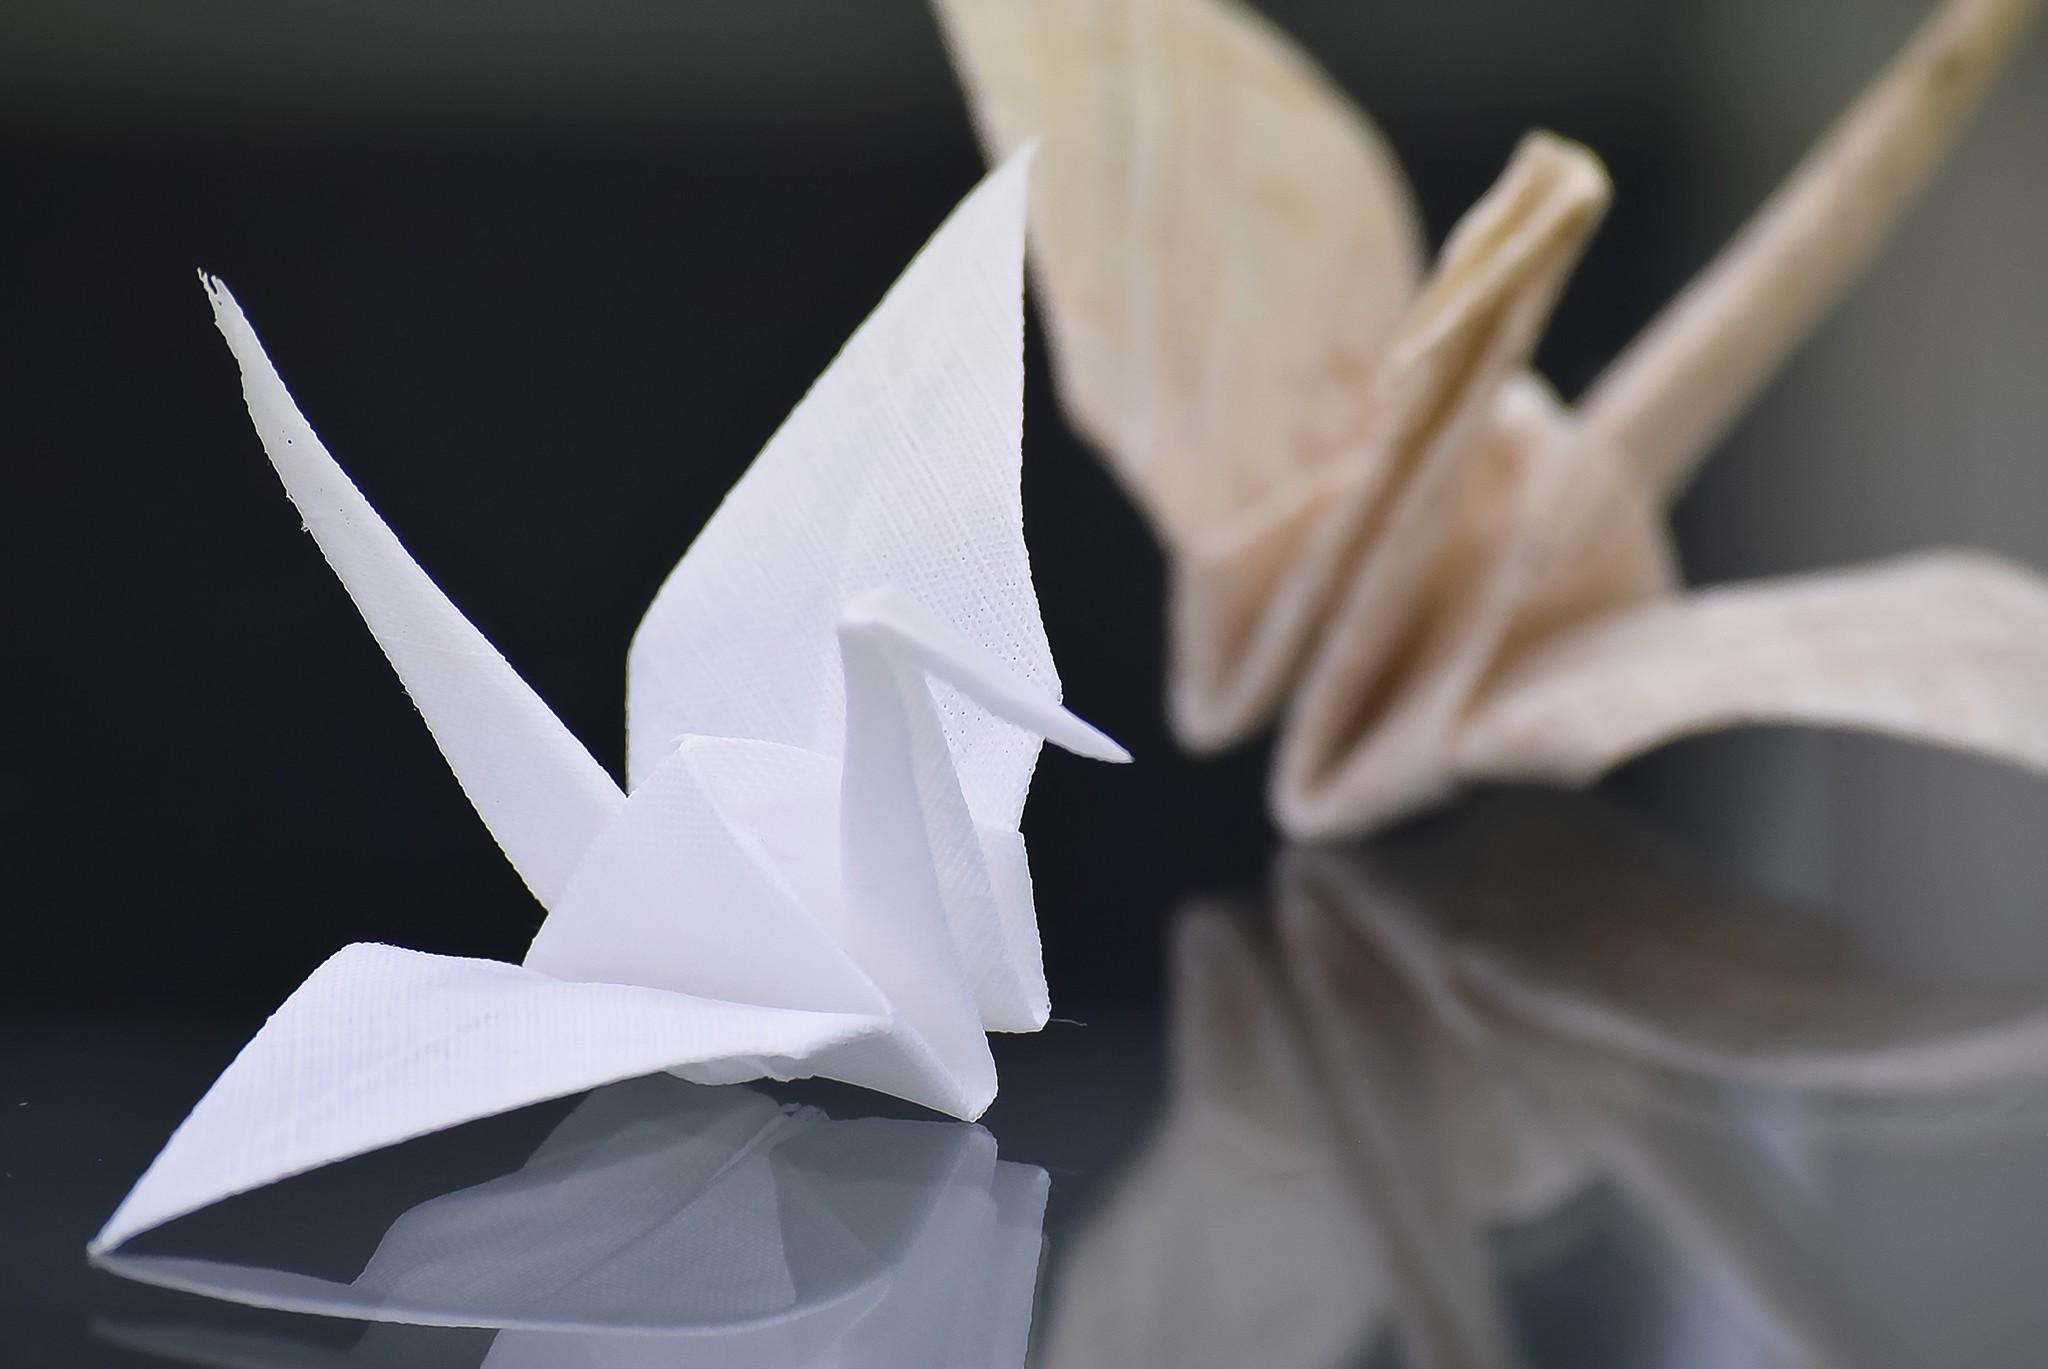 新たな挑戦! 折り鶴の魅力は広がる。。。